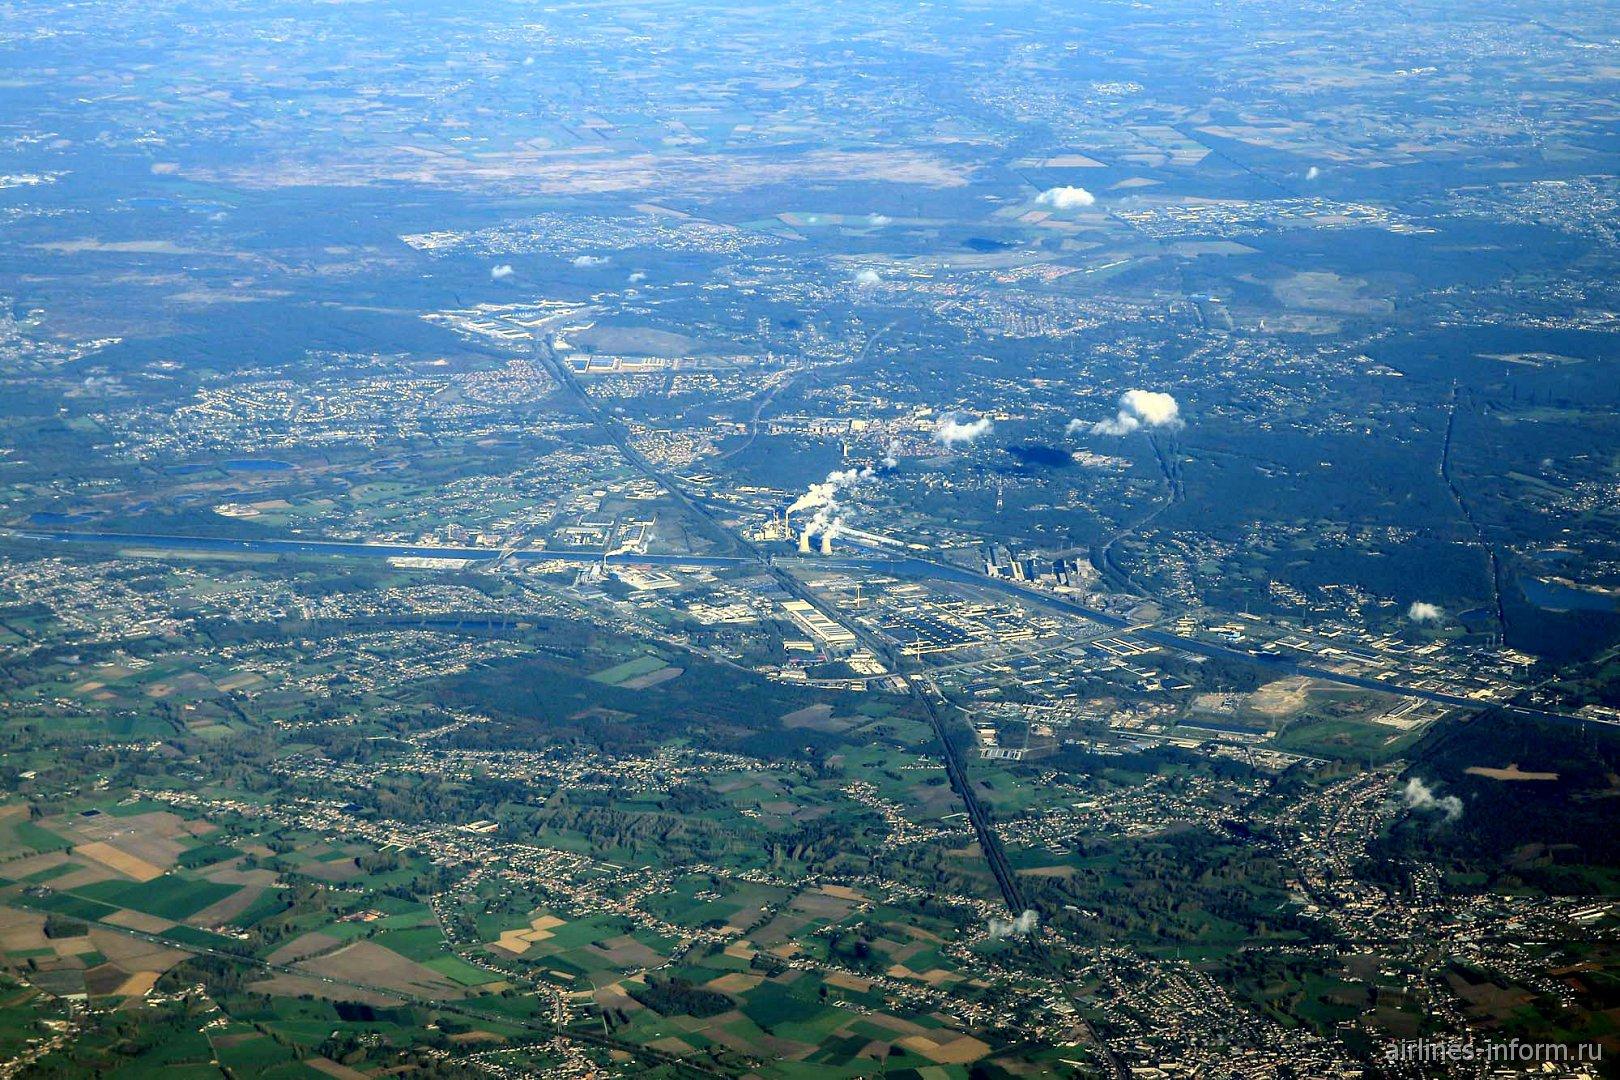 Южный промышленный район города Генк в Бельгии